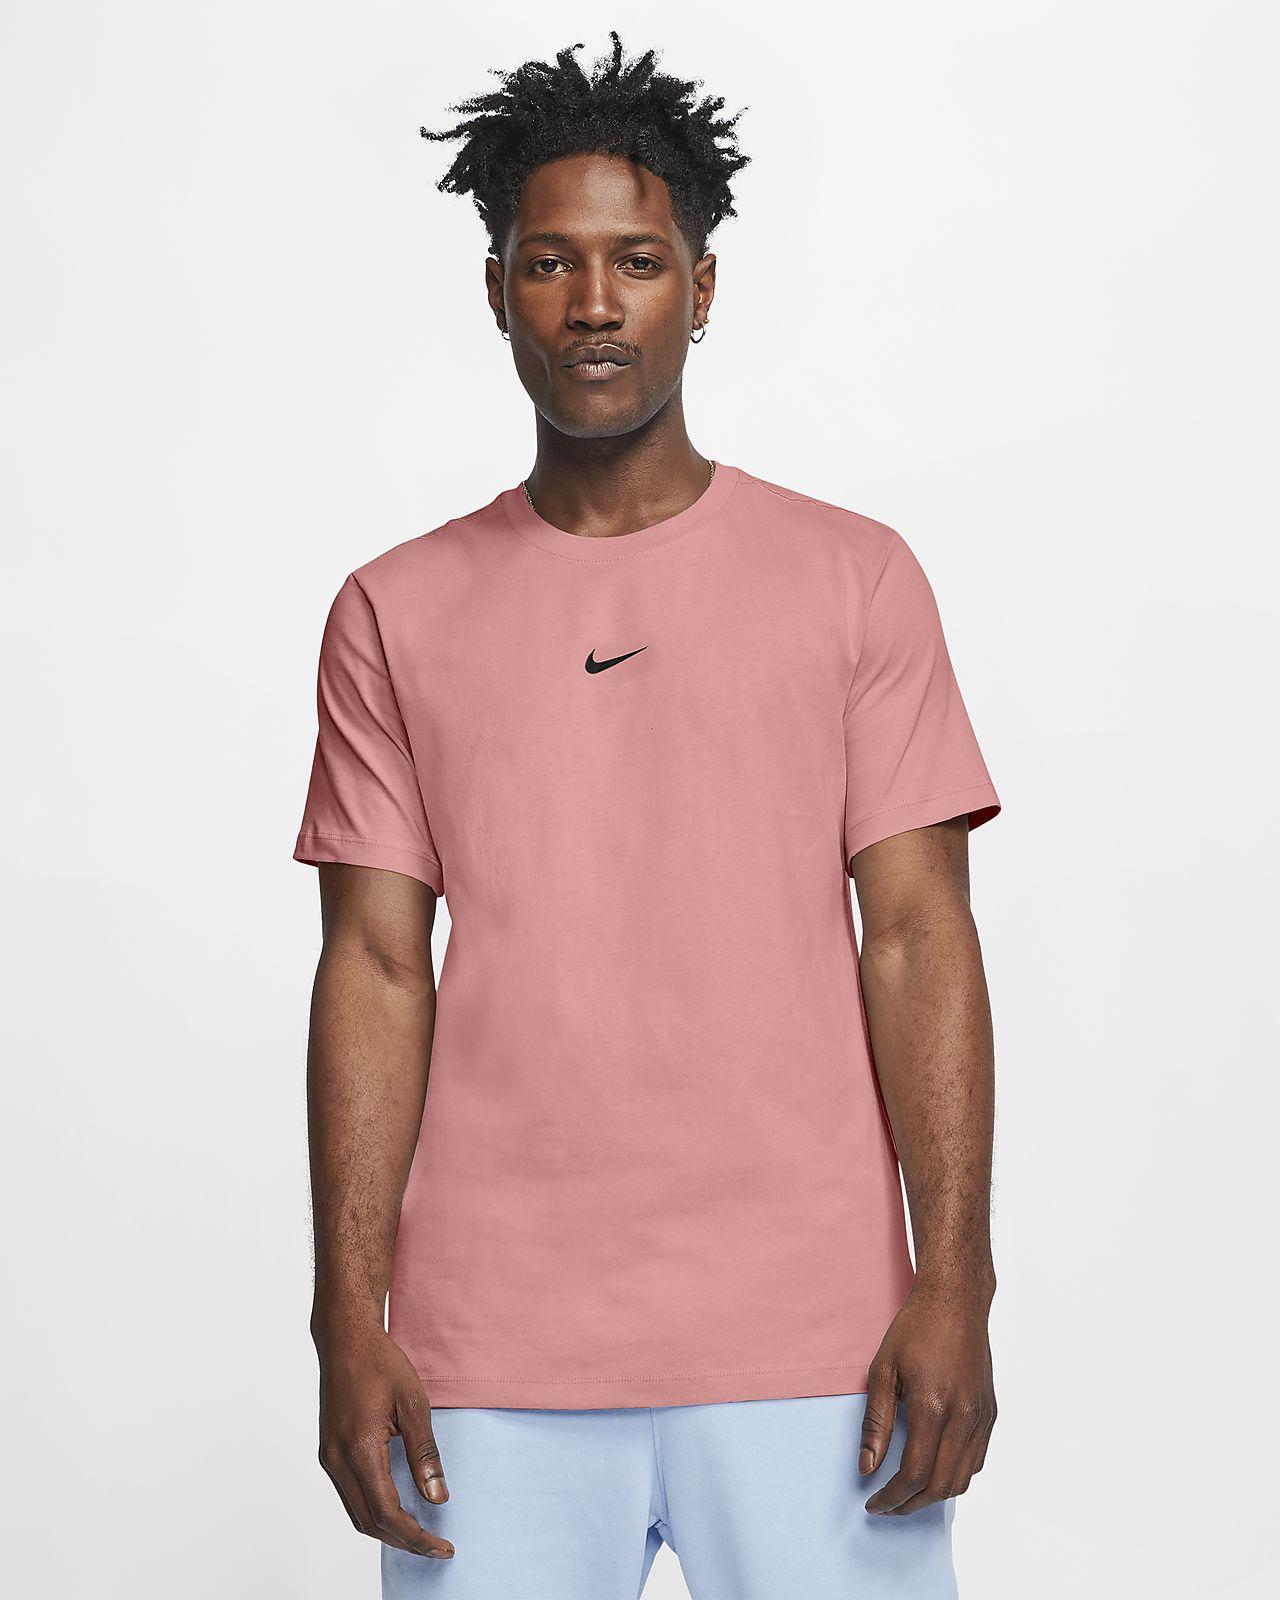 Nike Sportswear Swoosh Erkek Tişörtü